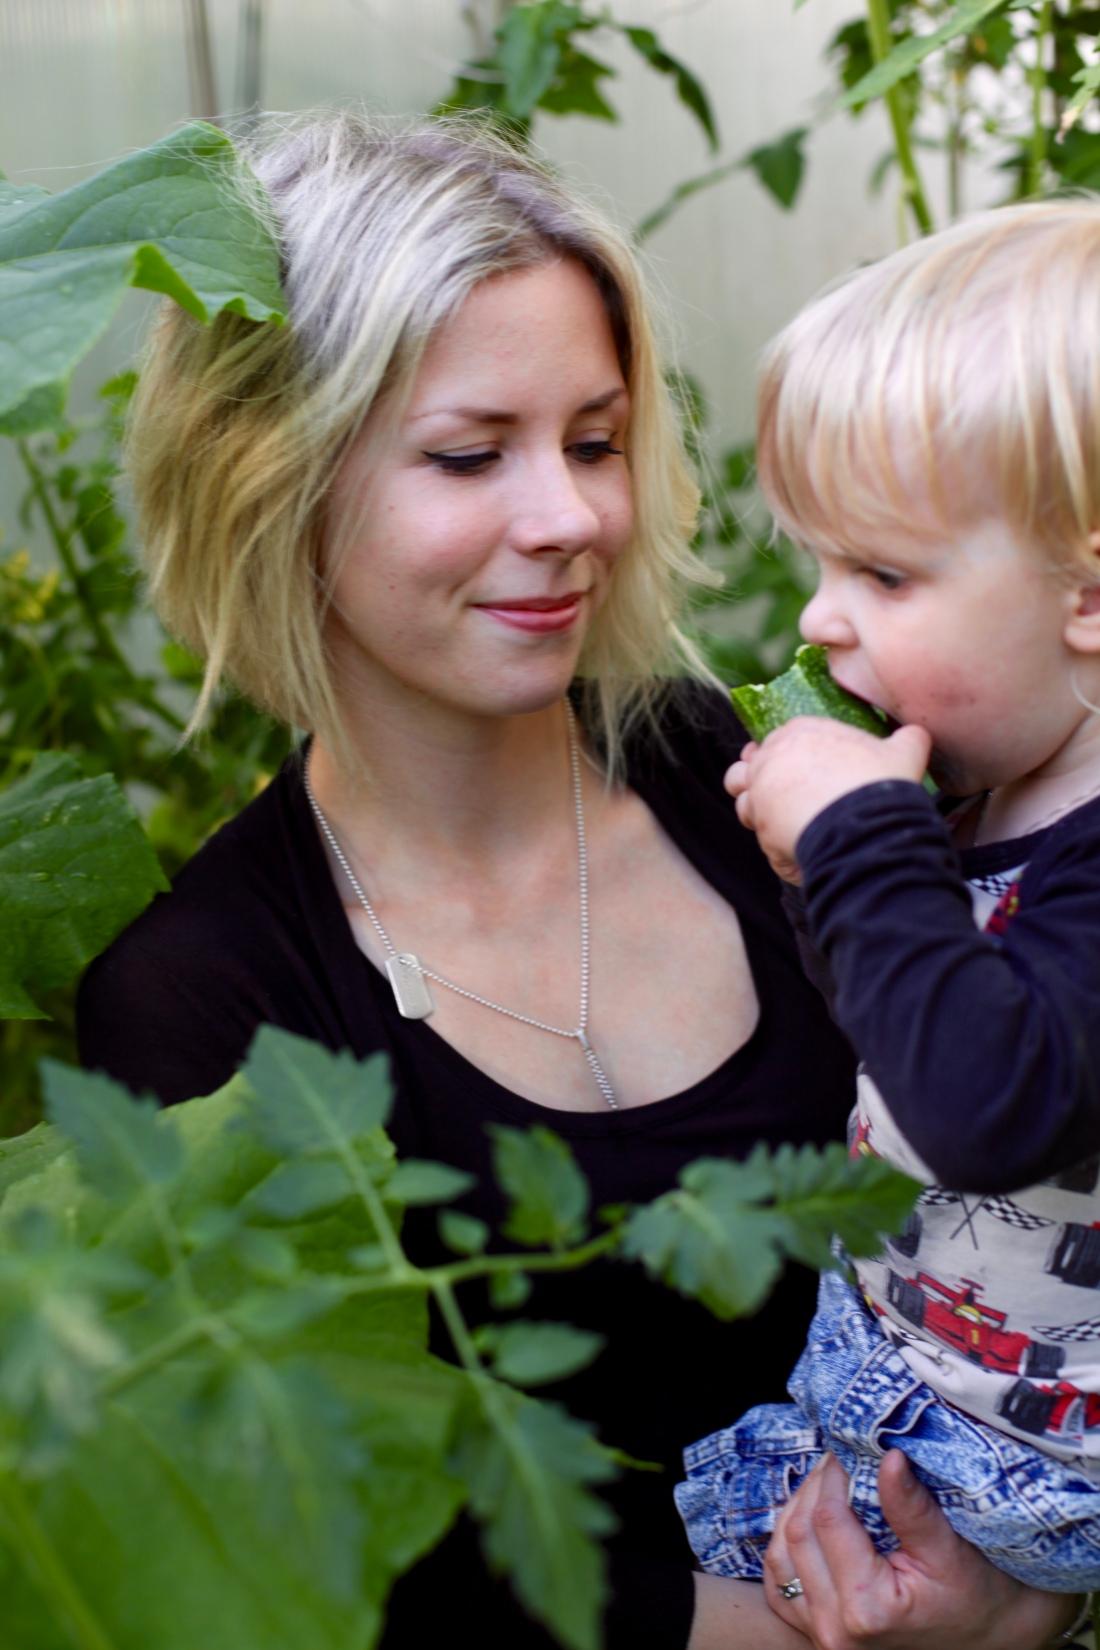 odla med barn i växthus